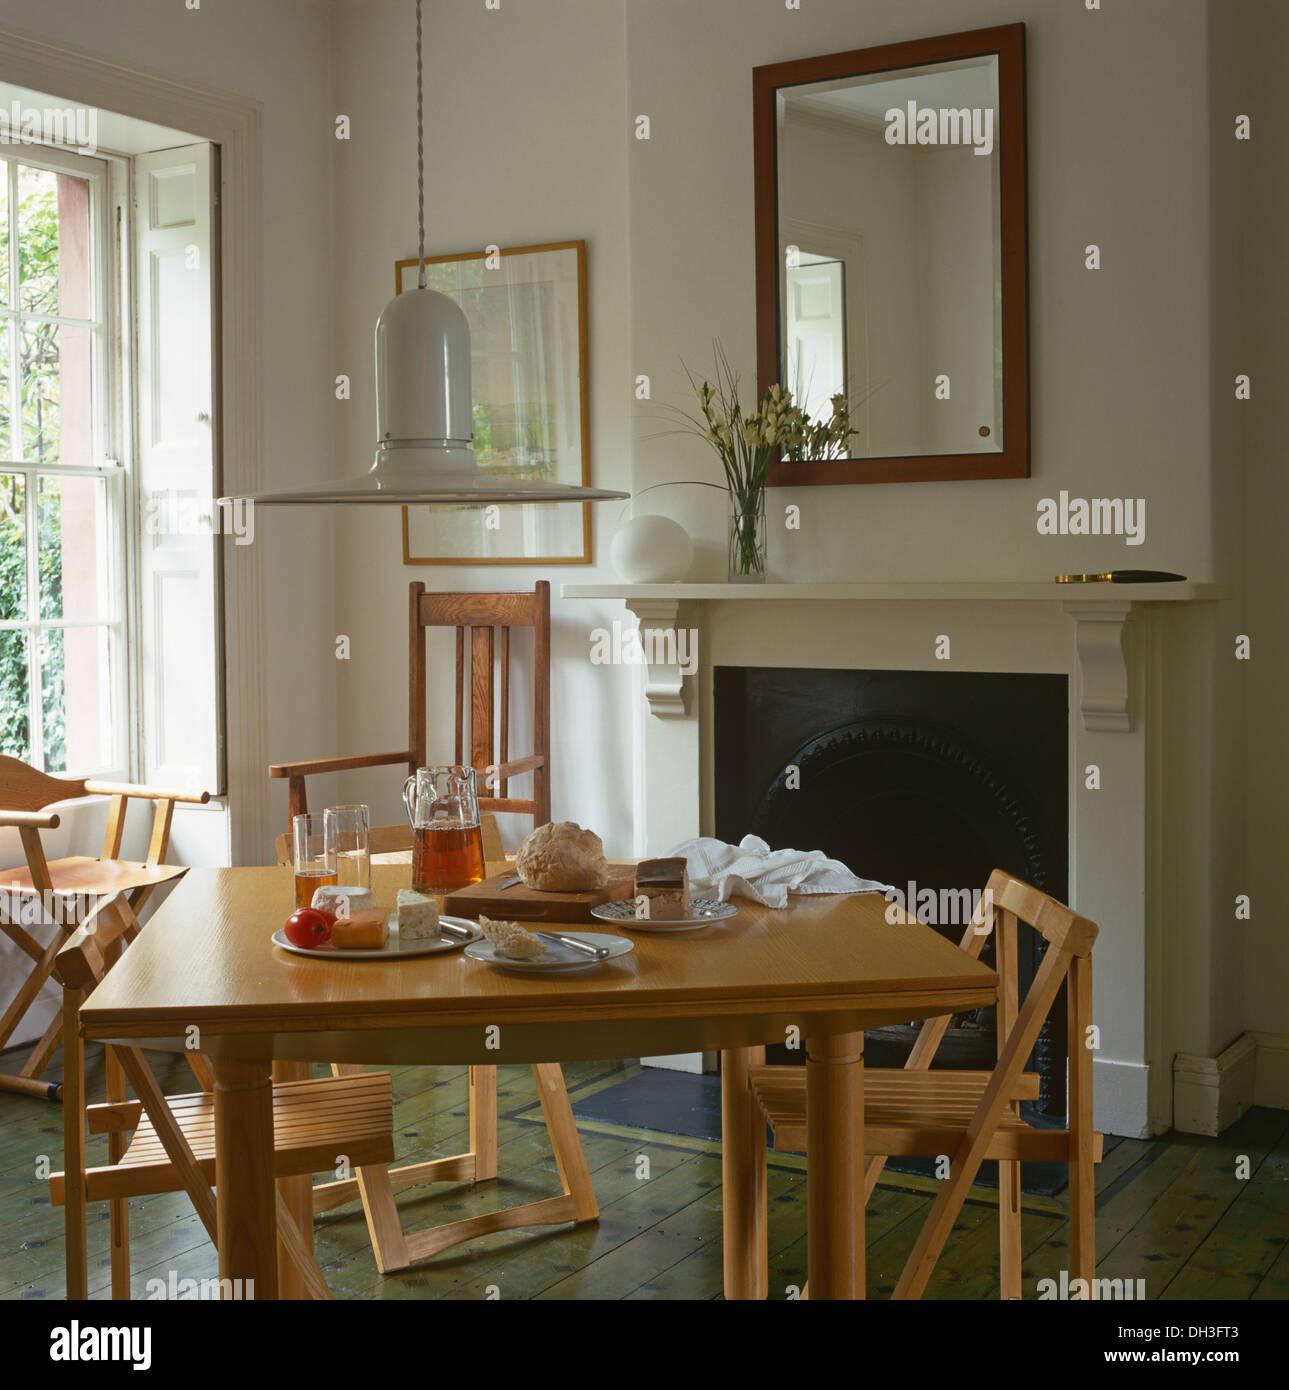 Luz colgante encima de sillas de madera plegables un simple juego de ...